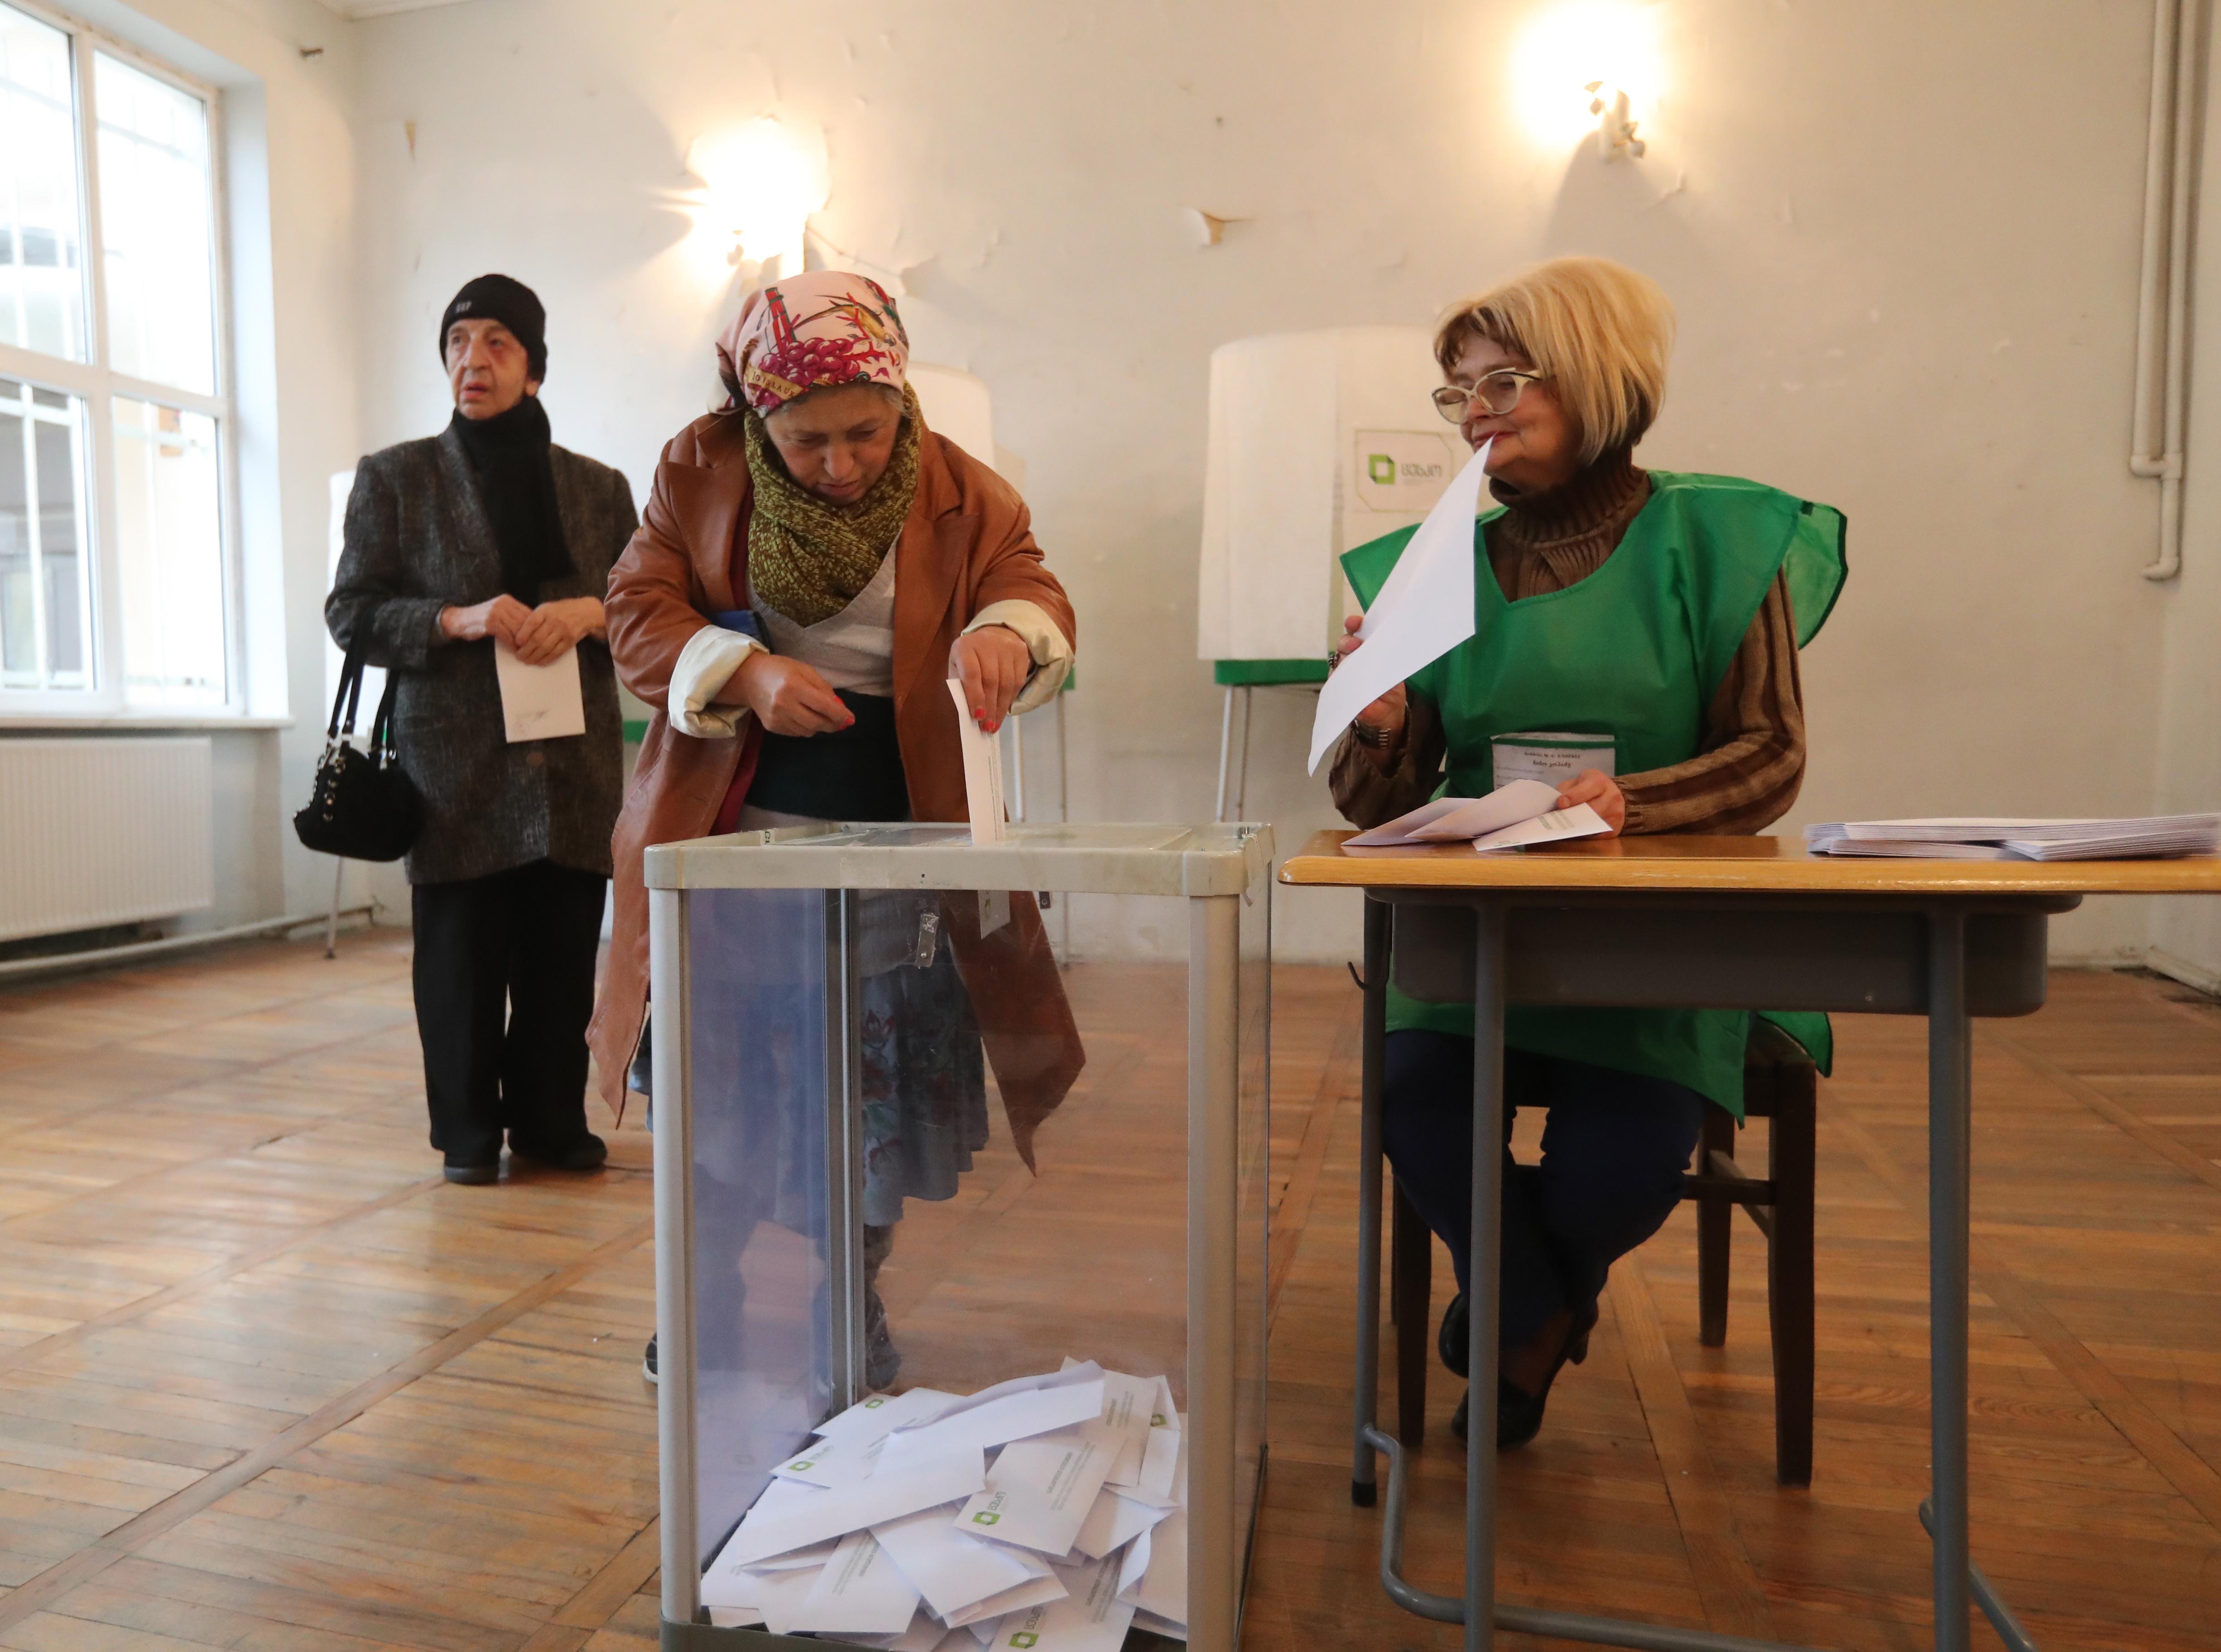 Prvi rezultati izbora u Gruziji sugeriraju drugi krug